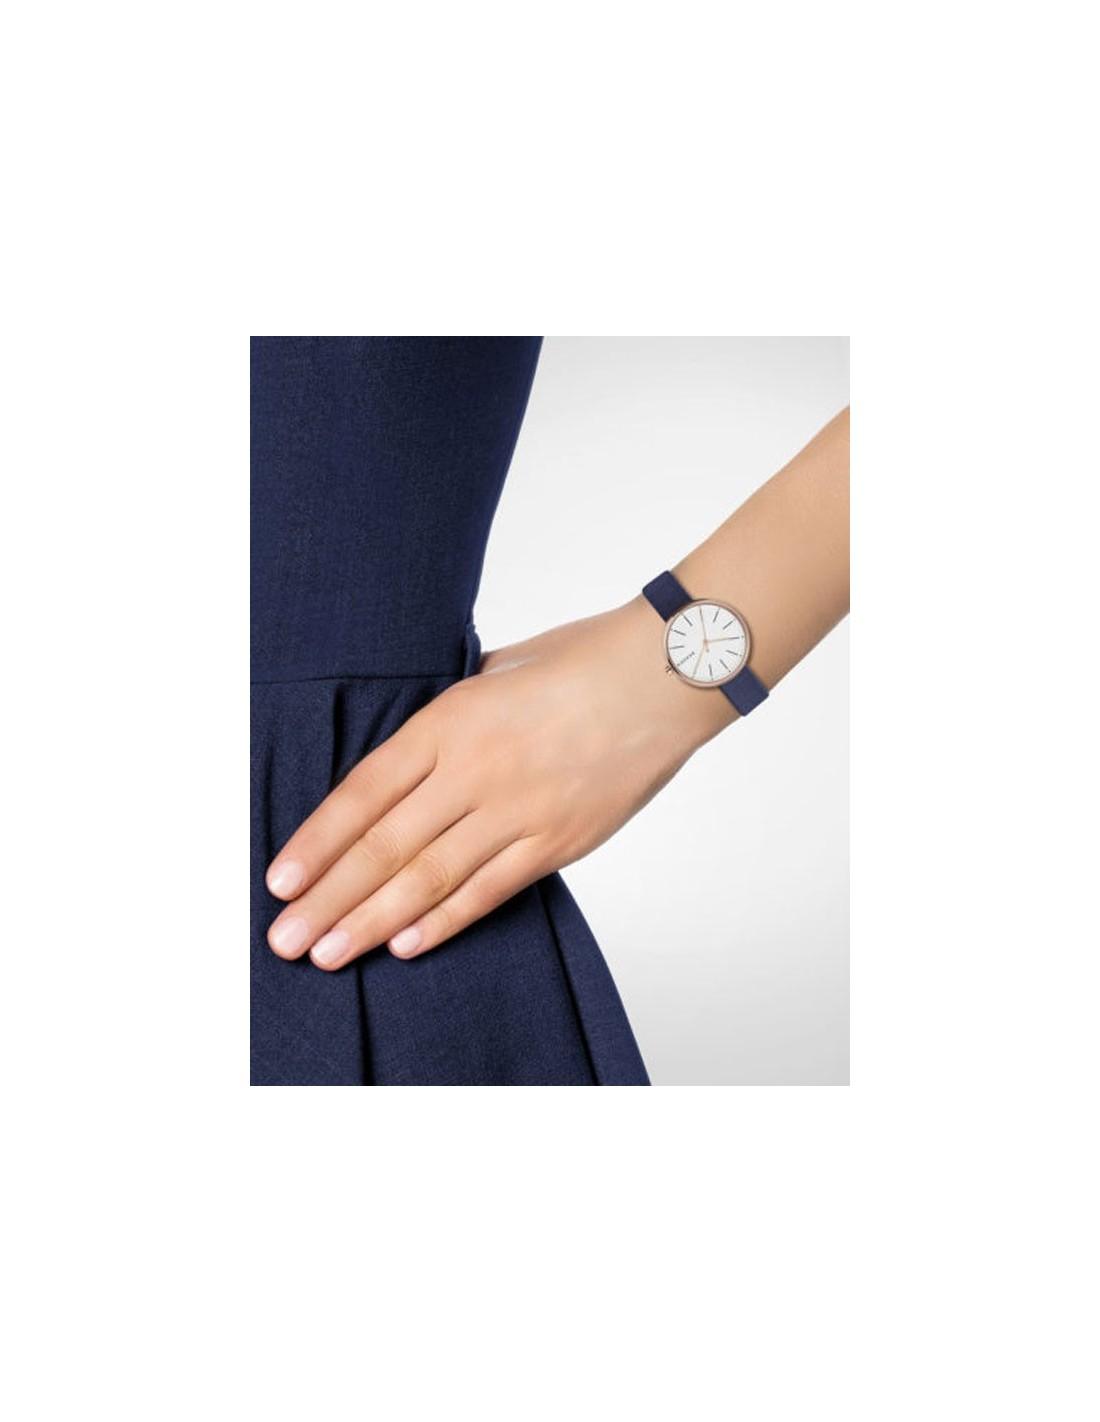 SKW2592   Relógio Skagen Signatur SKW2592 7c5315c703